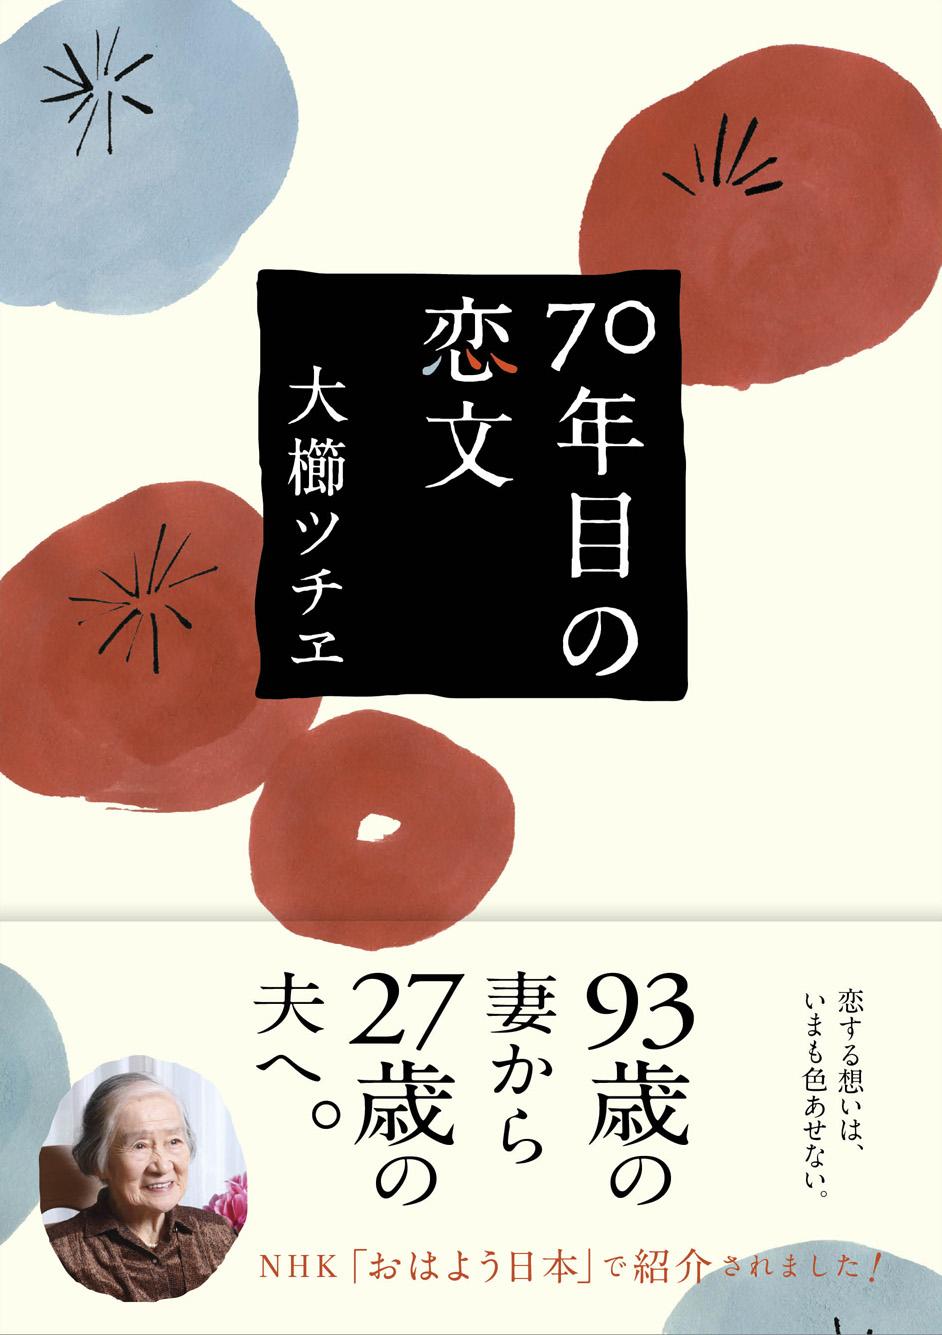 「70年目の恋文」大櫛ツチヱ